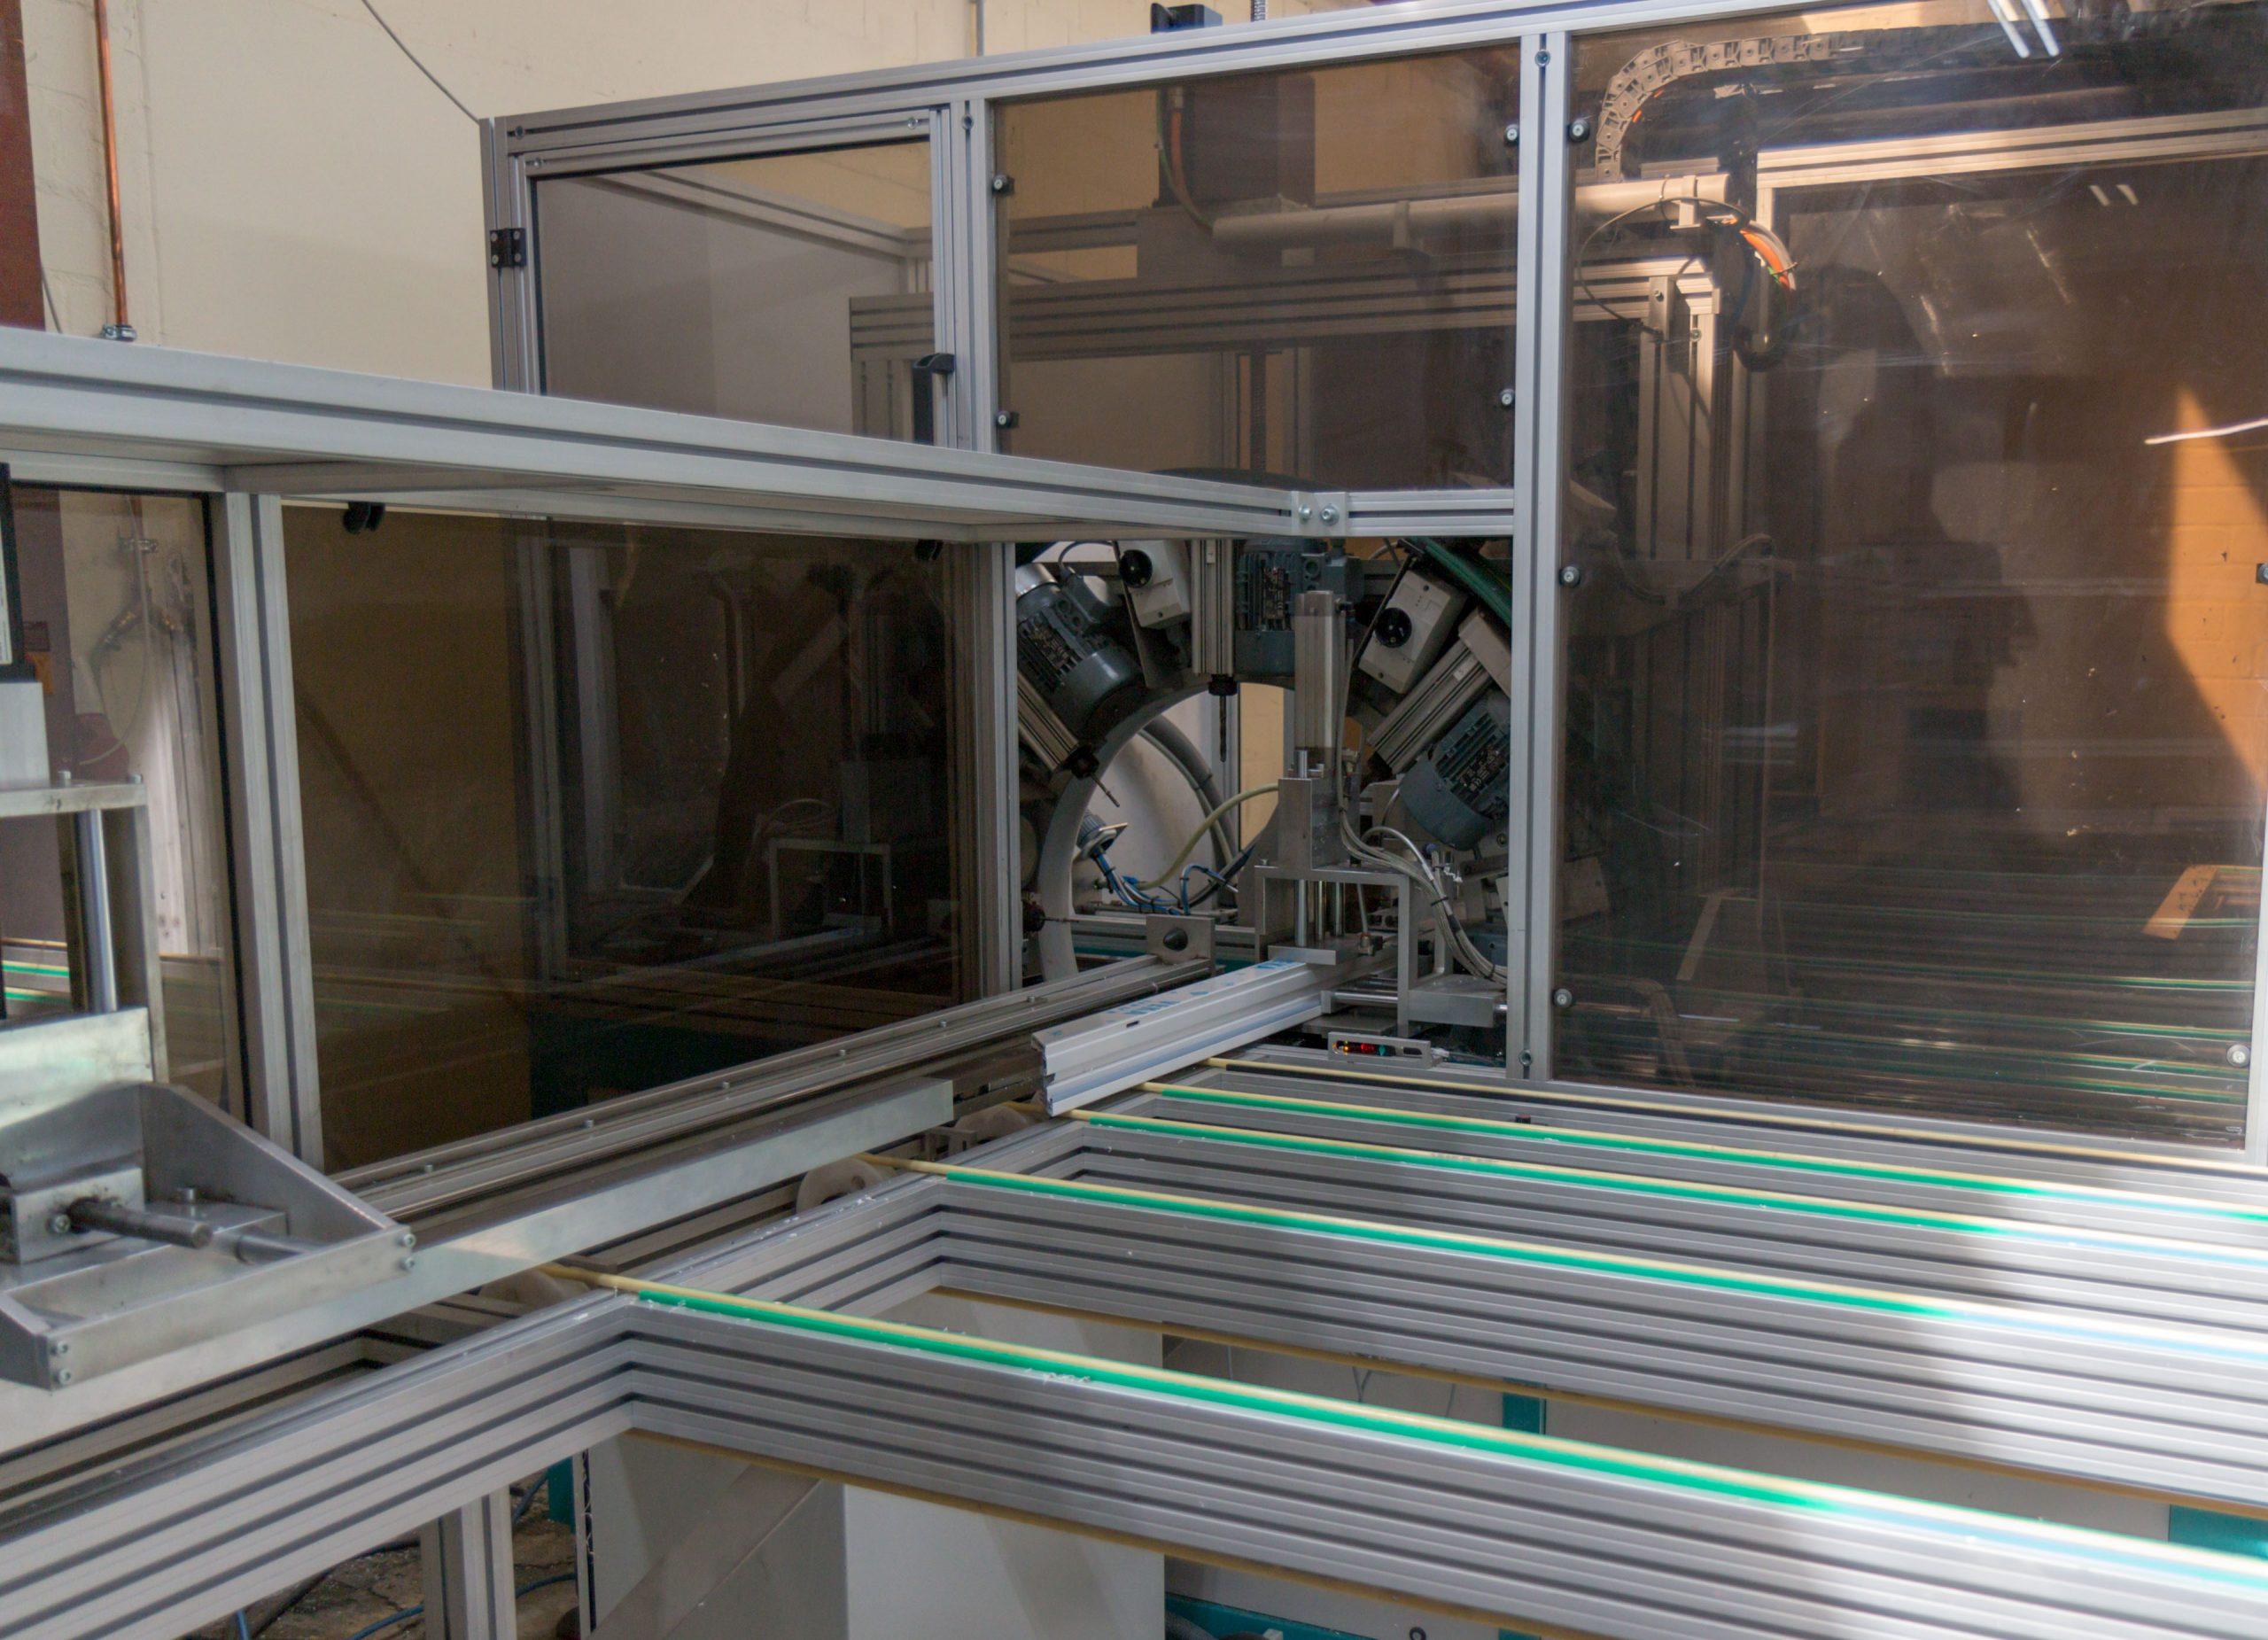 Full Size of Mnsterland Fenster Produktions Und Vertriebs Gmbh Fenster Fenster.de